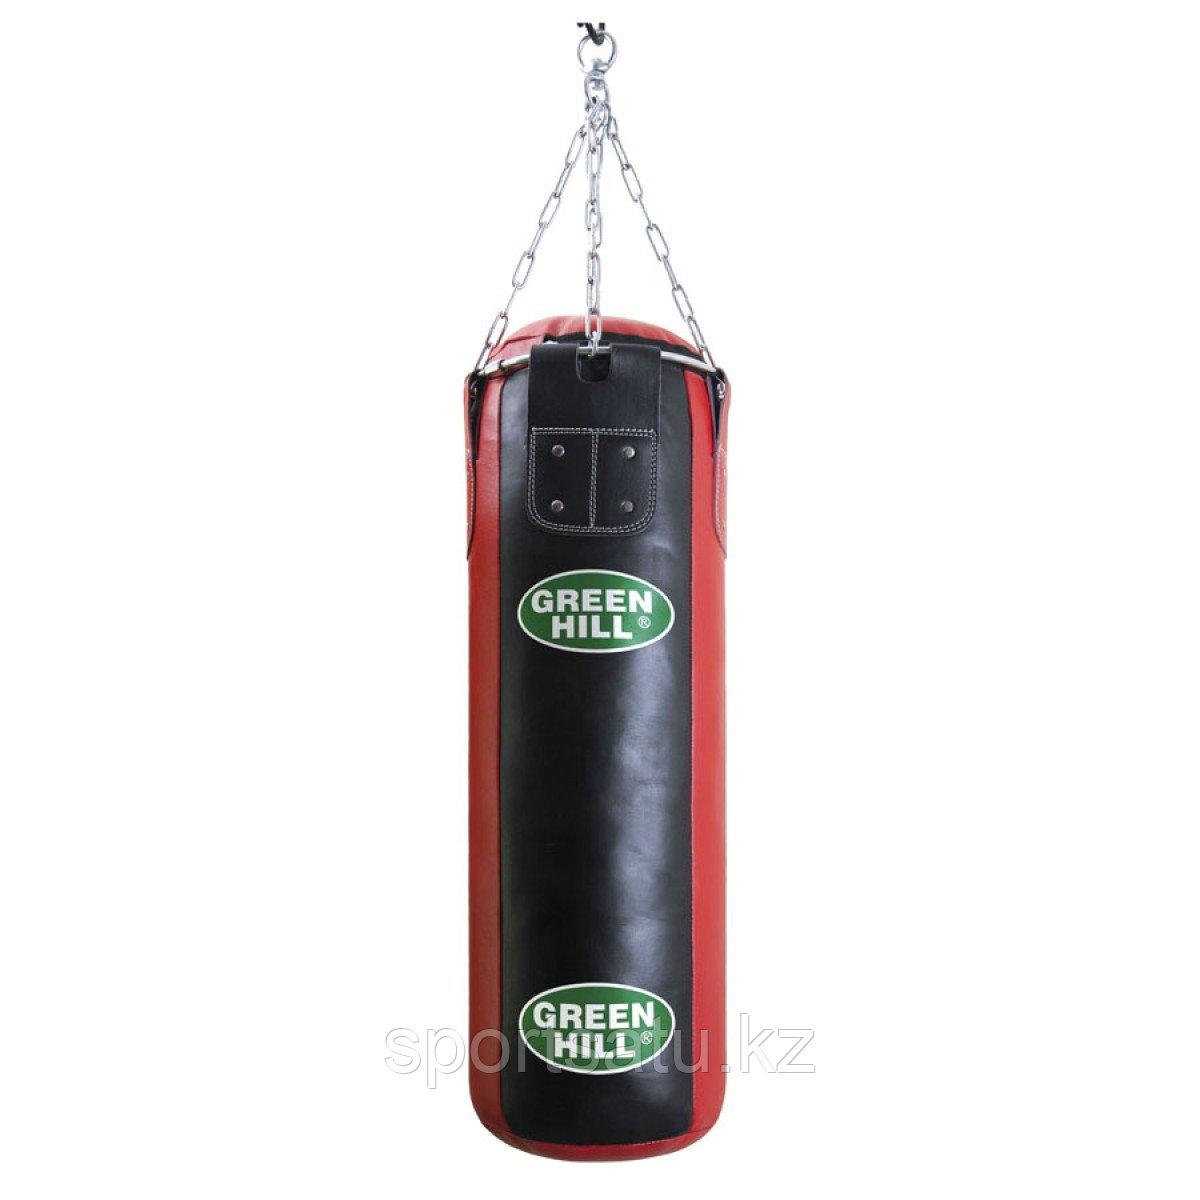 Груша боксерская GREEN HILL оригинал кожа 120см